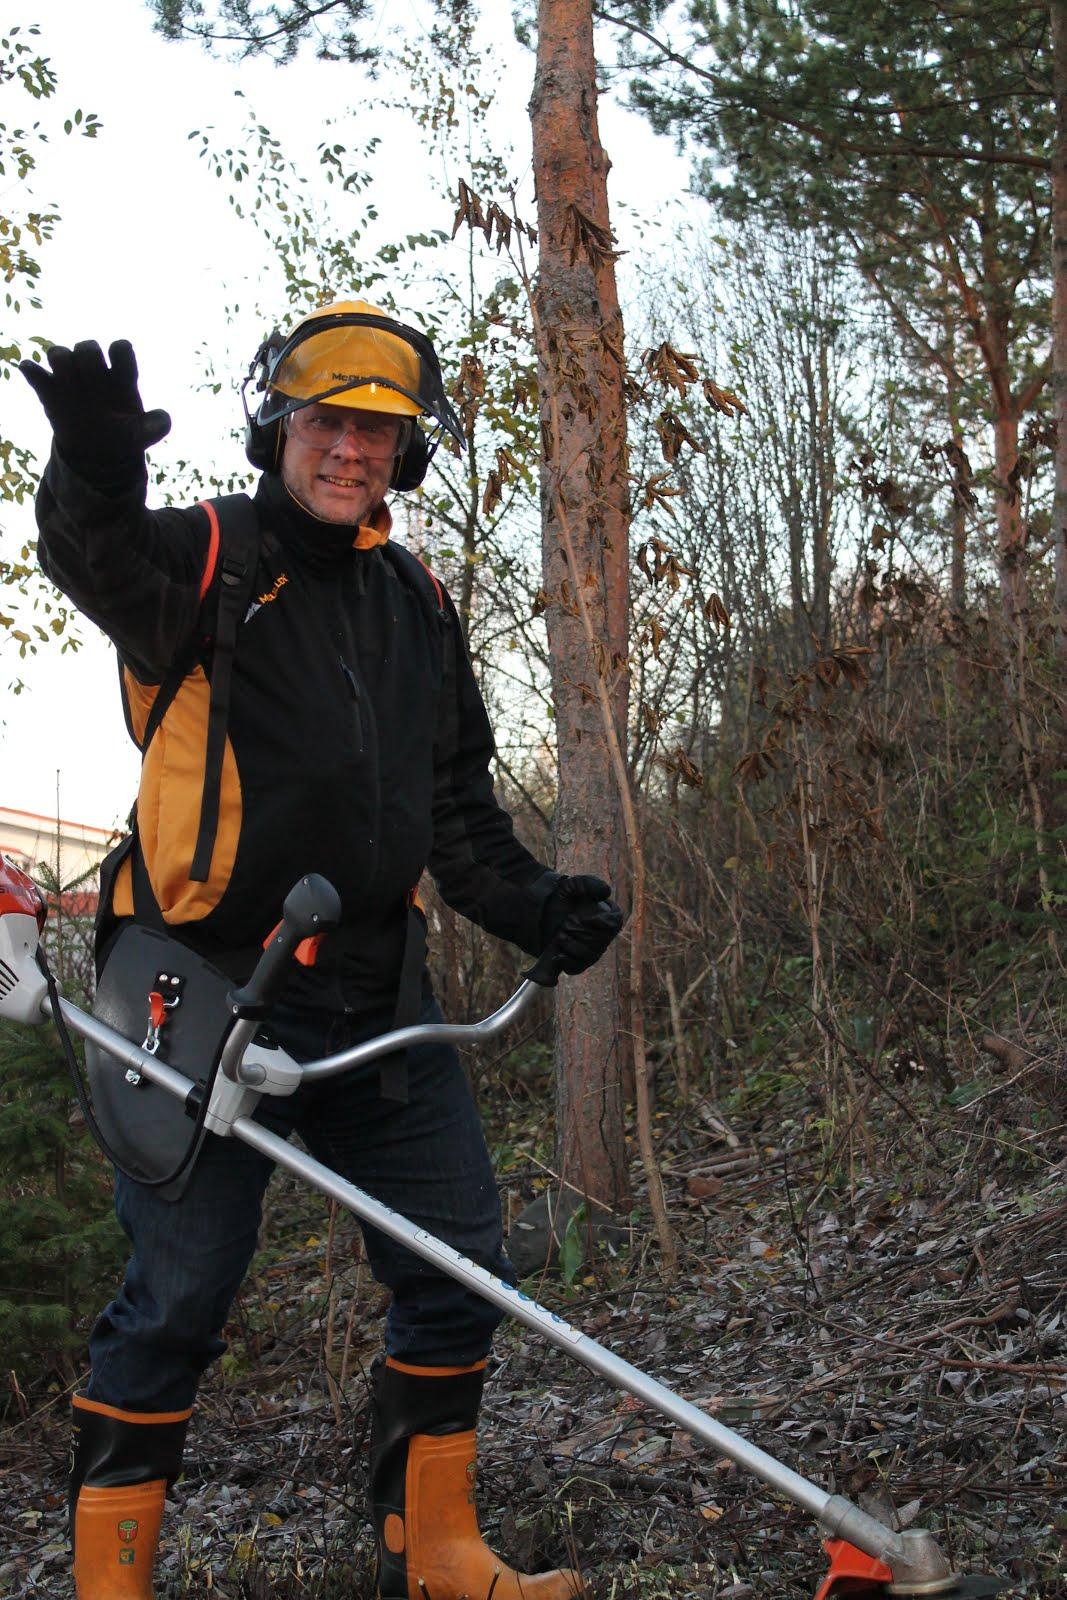 Pihatöitä raivauspalveluita pensaikkojen alasleikkauksia tilauksen mukaan käteisellä Tampere